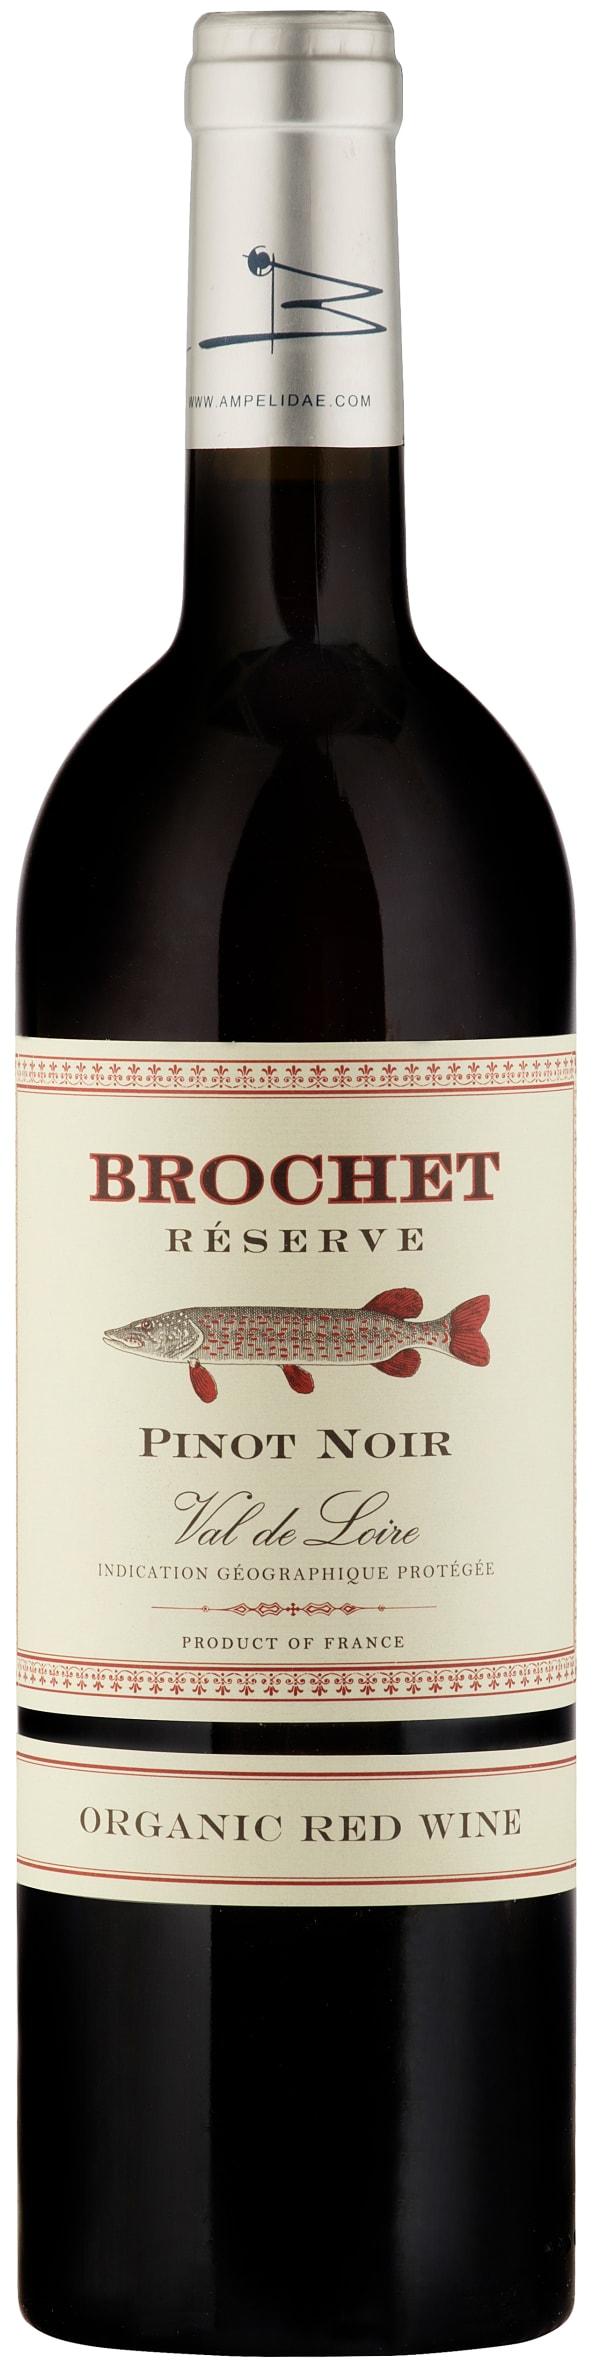 Brochet Organic Pinot Noir Réserve 2016